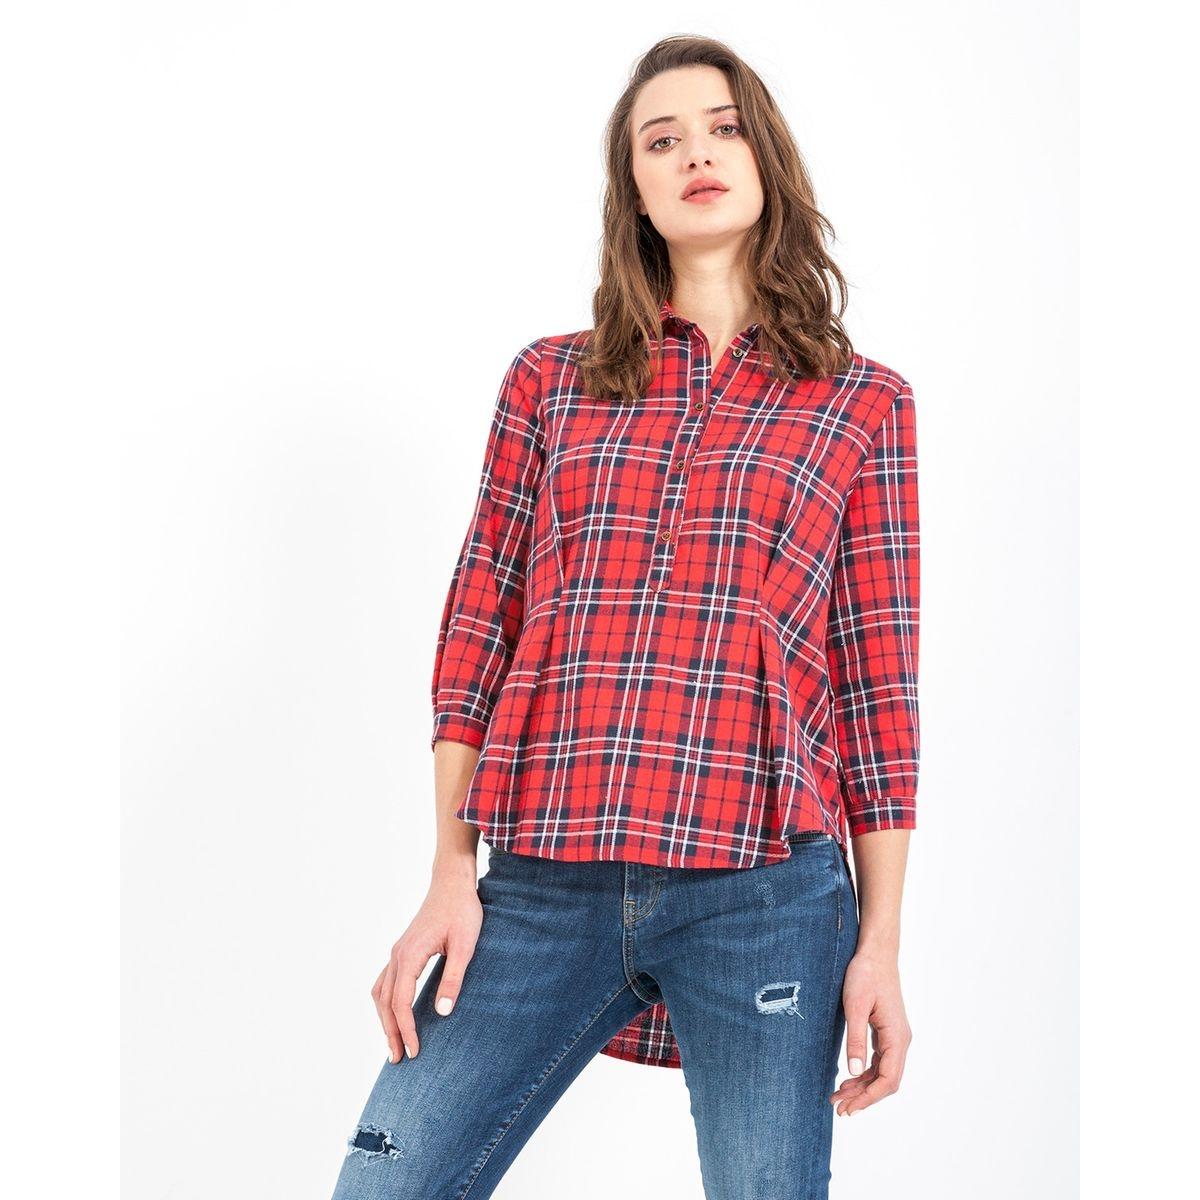 Chemise avec bas asymétrique et pinces dans le bas de la poitrine